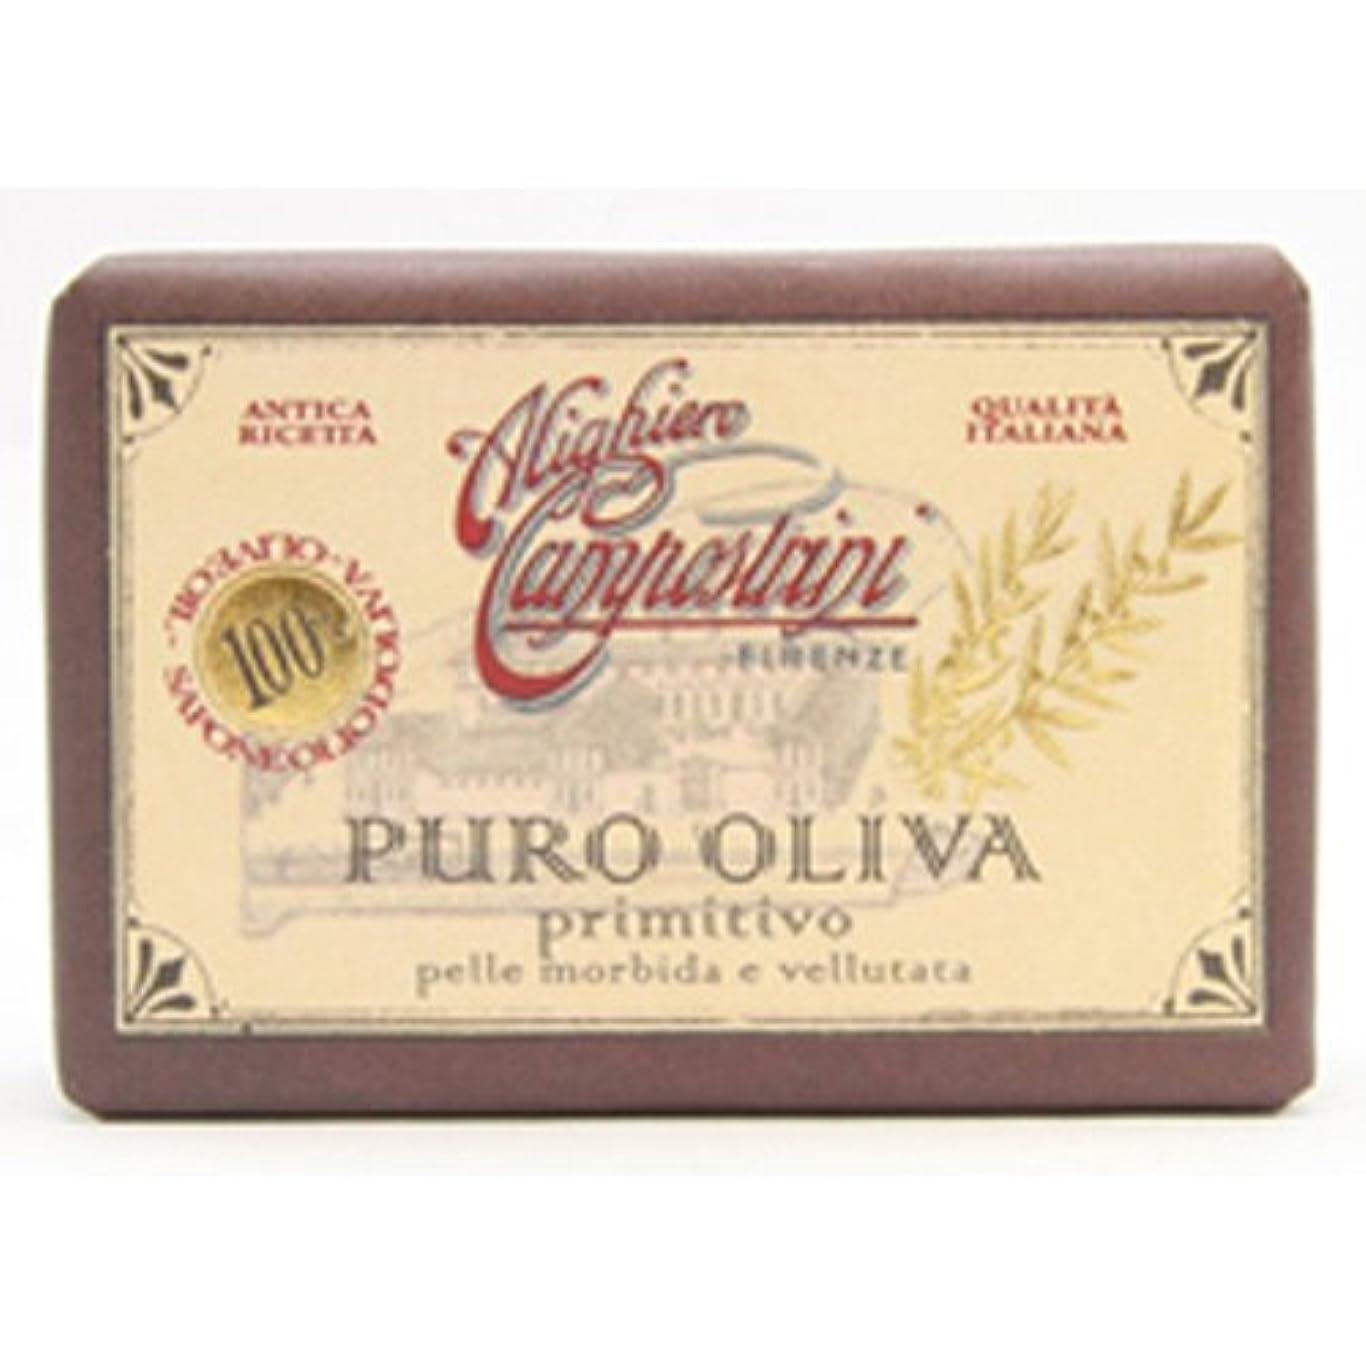 ブルームタックル呼び起こすSaponerire Fissi サポネリーフィッシー PURO OLIVA Soap オリーブオイル ピュロ ソープ primitivo オリジナル 150g